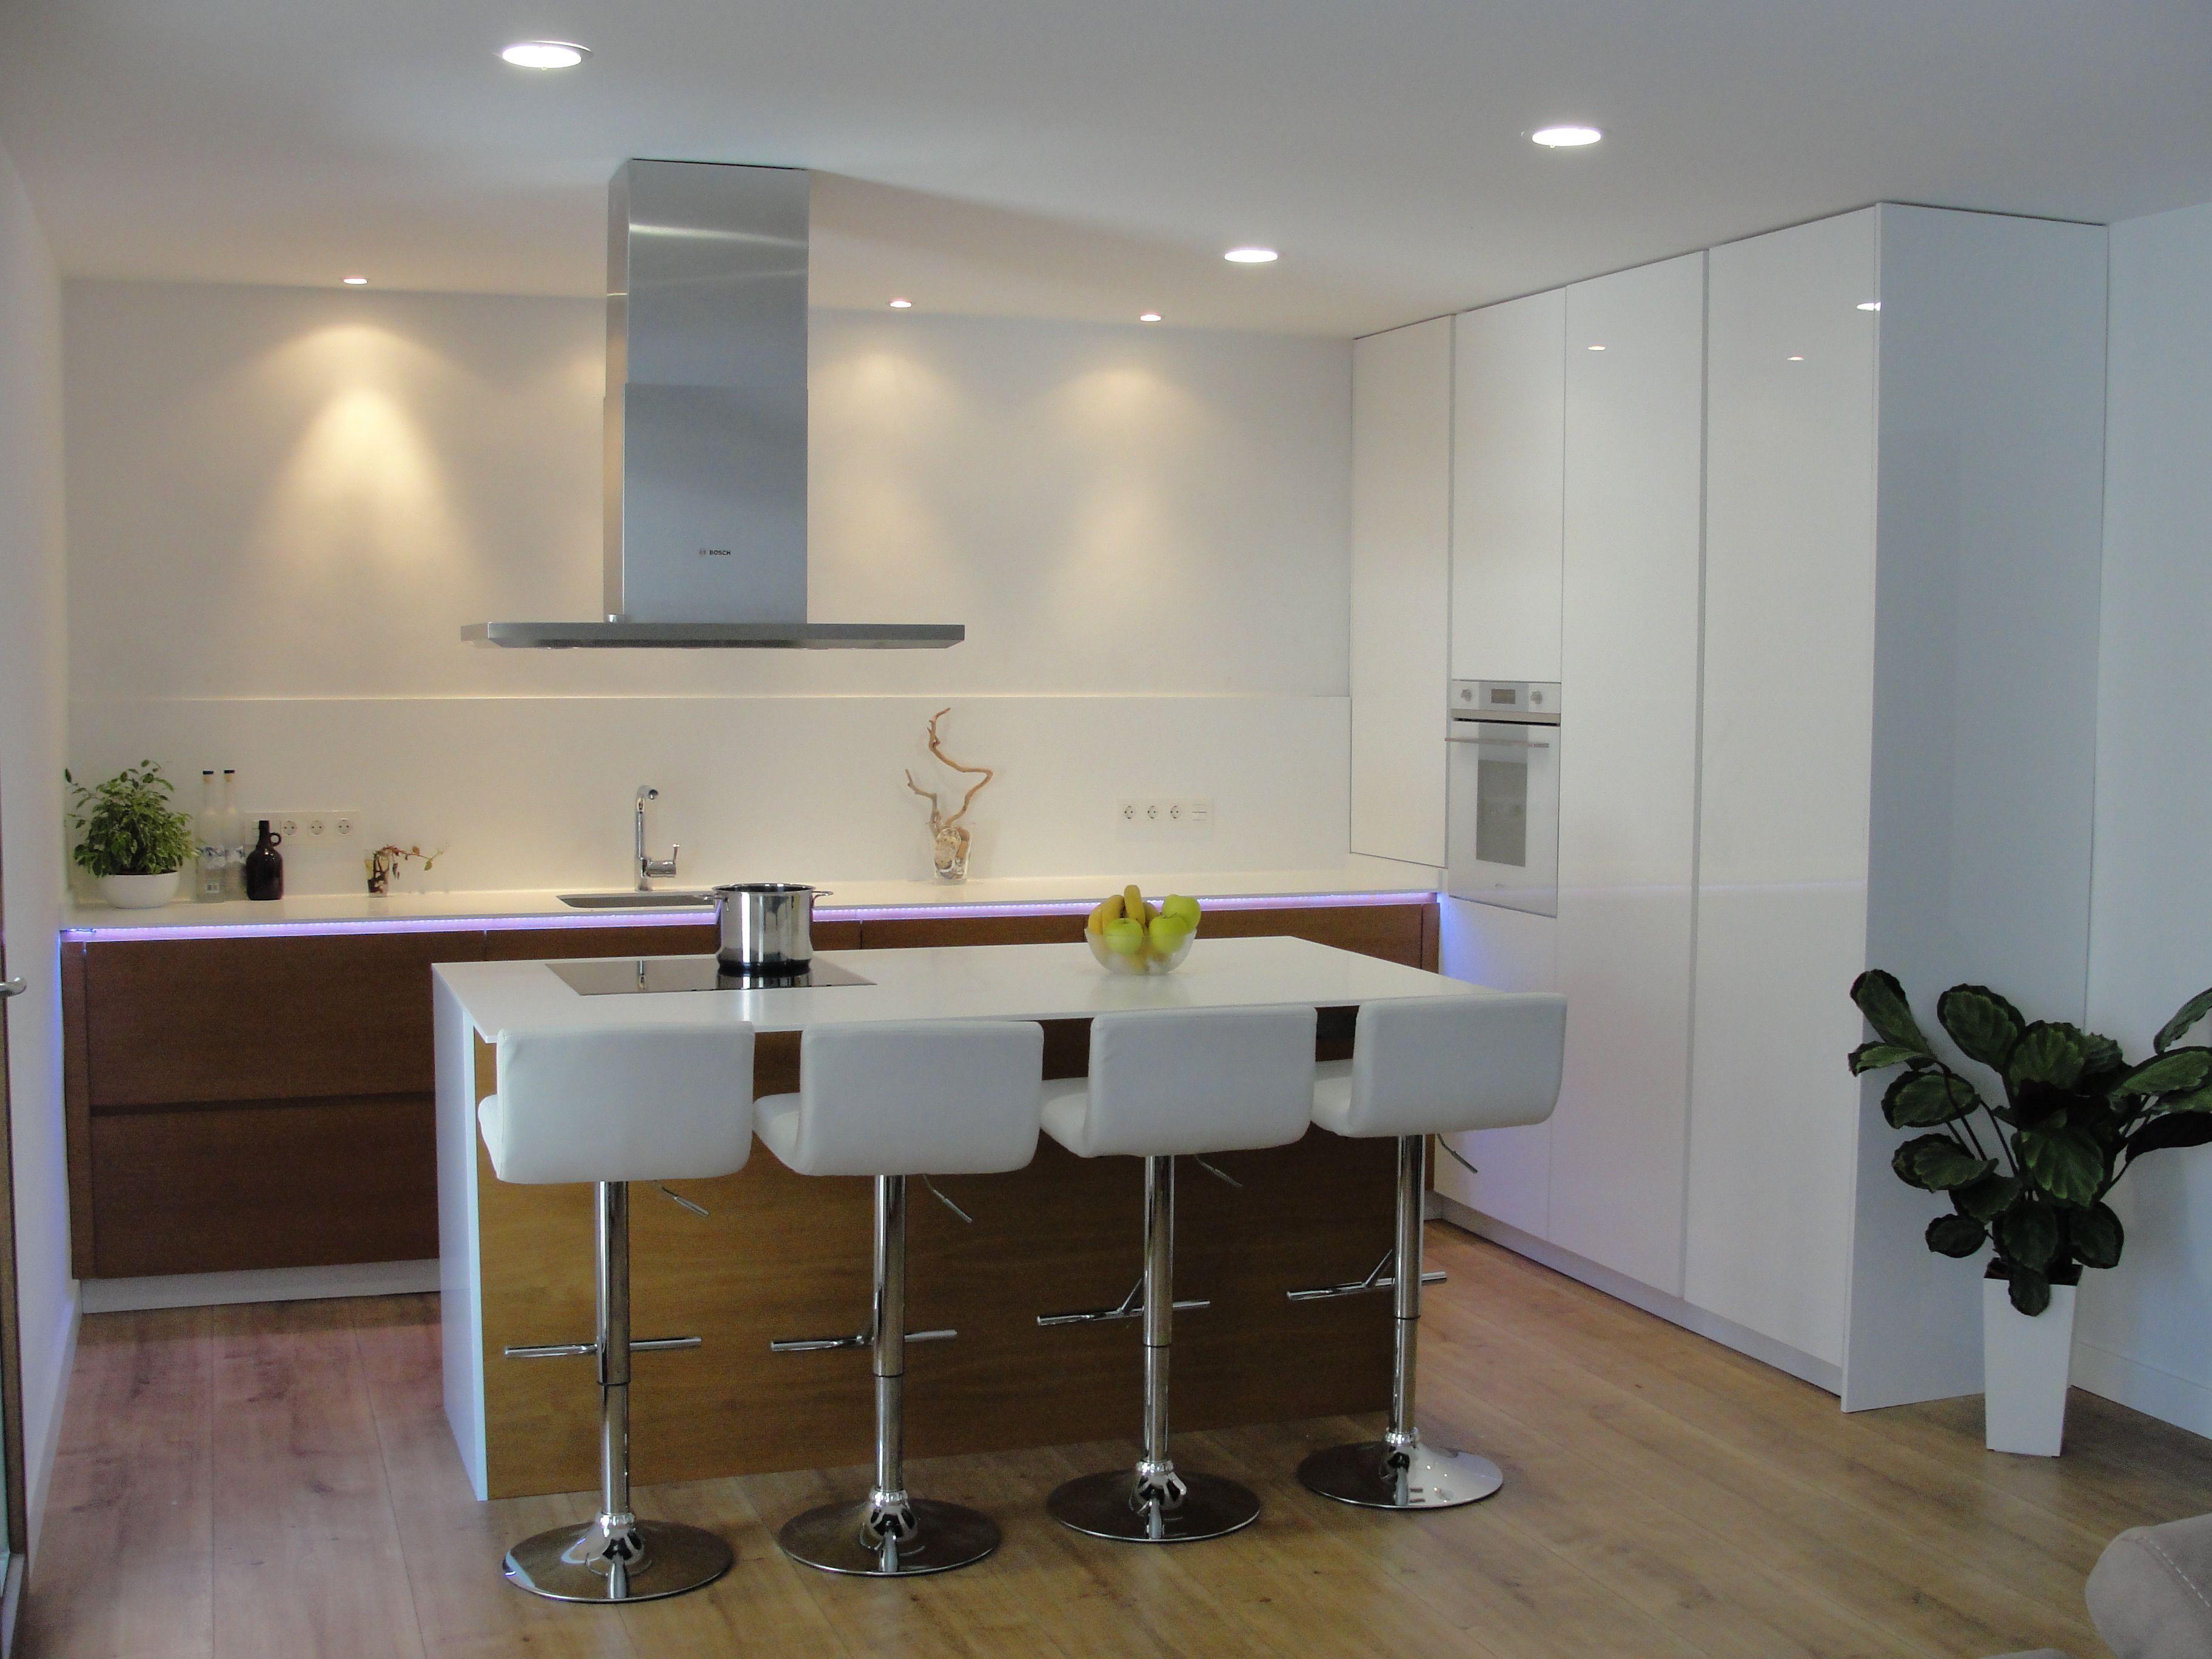 Muebles de Cocina #Cocina #Mueblesdecocina #Manacor #Cuina ...